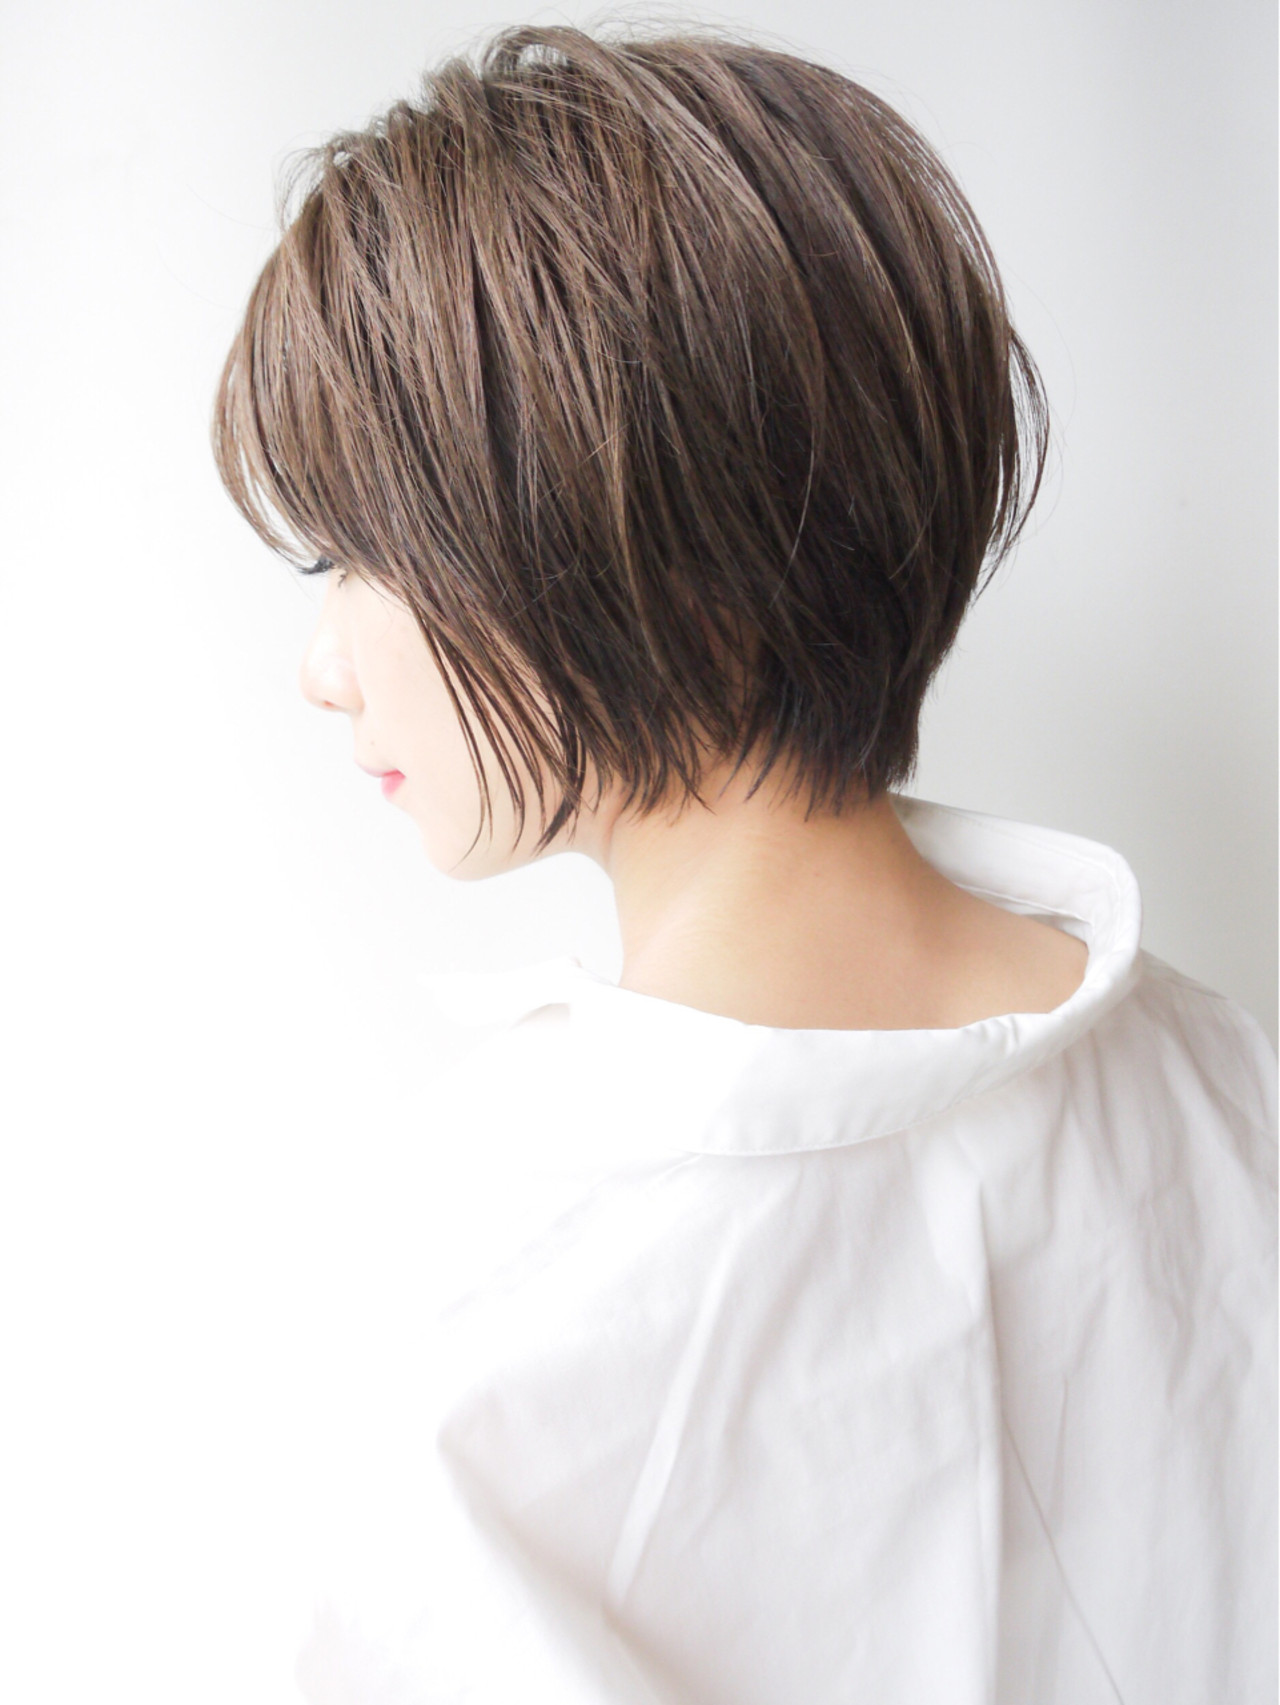 オフィス 愛され ゆるふわ ショート ヘアスタイルや髪型の写真・画像 | HIROKI / roijir / roijir